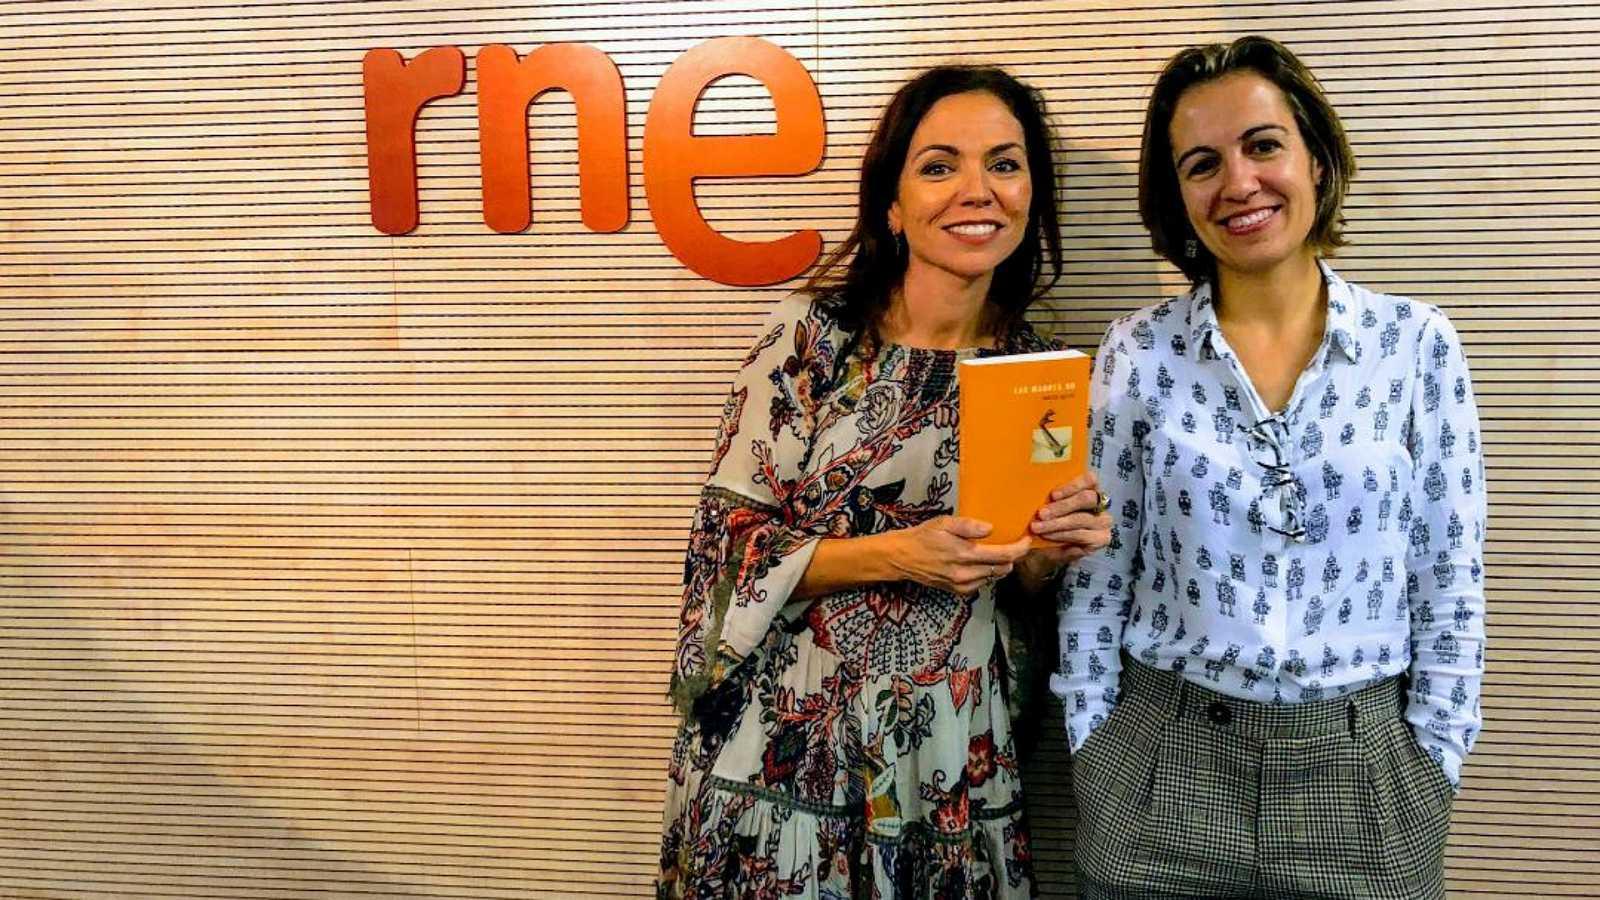 Libros de arena - Katixa Aguirre y 'Las madres, no' - 20/11/19 - Escuchar ahora